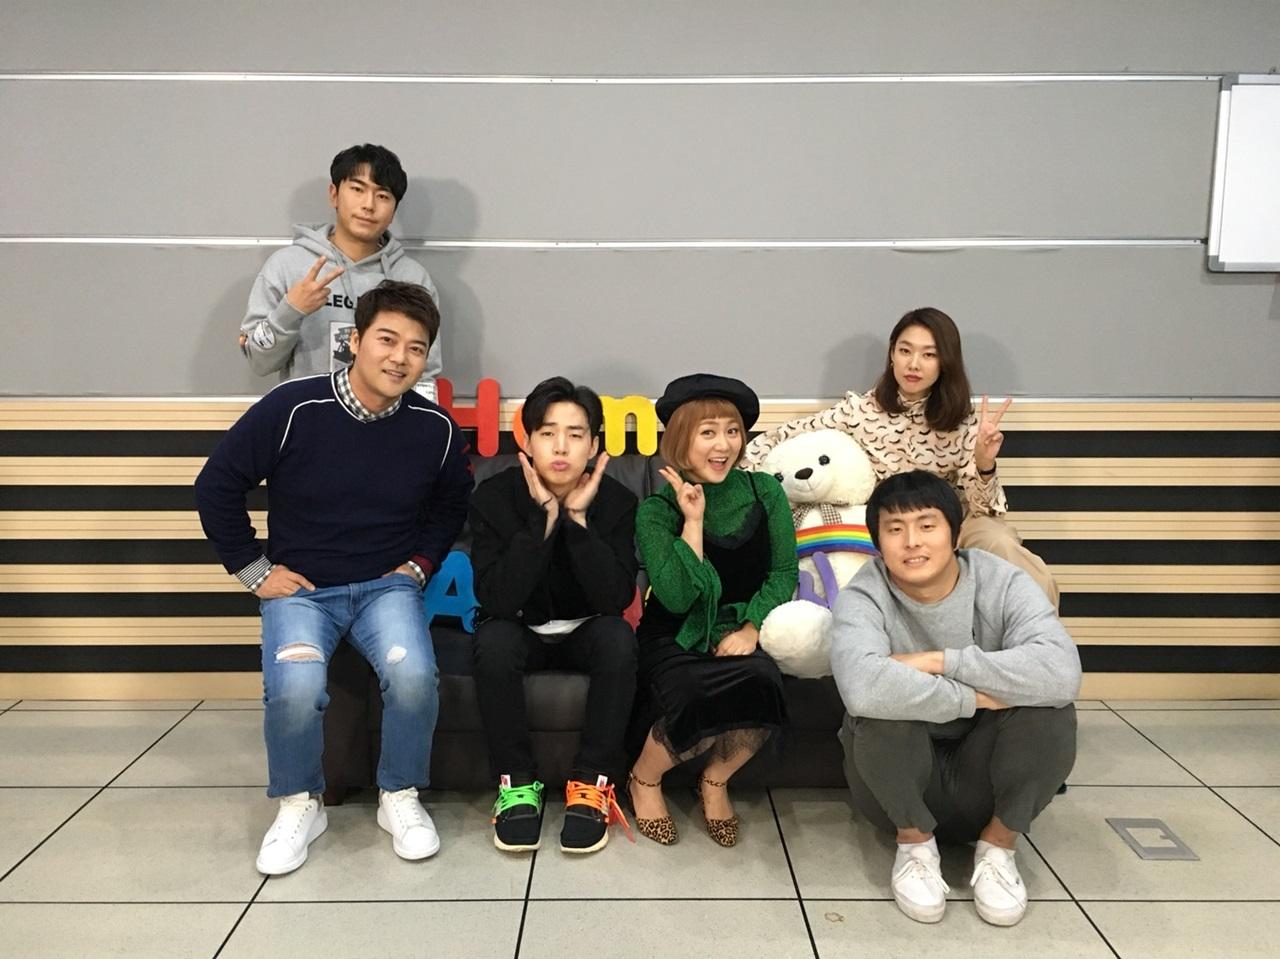 국민 예능 자리매김한 '나 혼자 산다', '한국인이 좋아하는 TV프로그램' 3개월 연속 1위